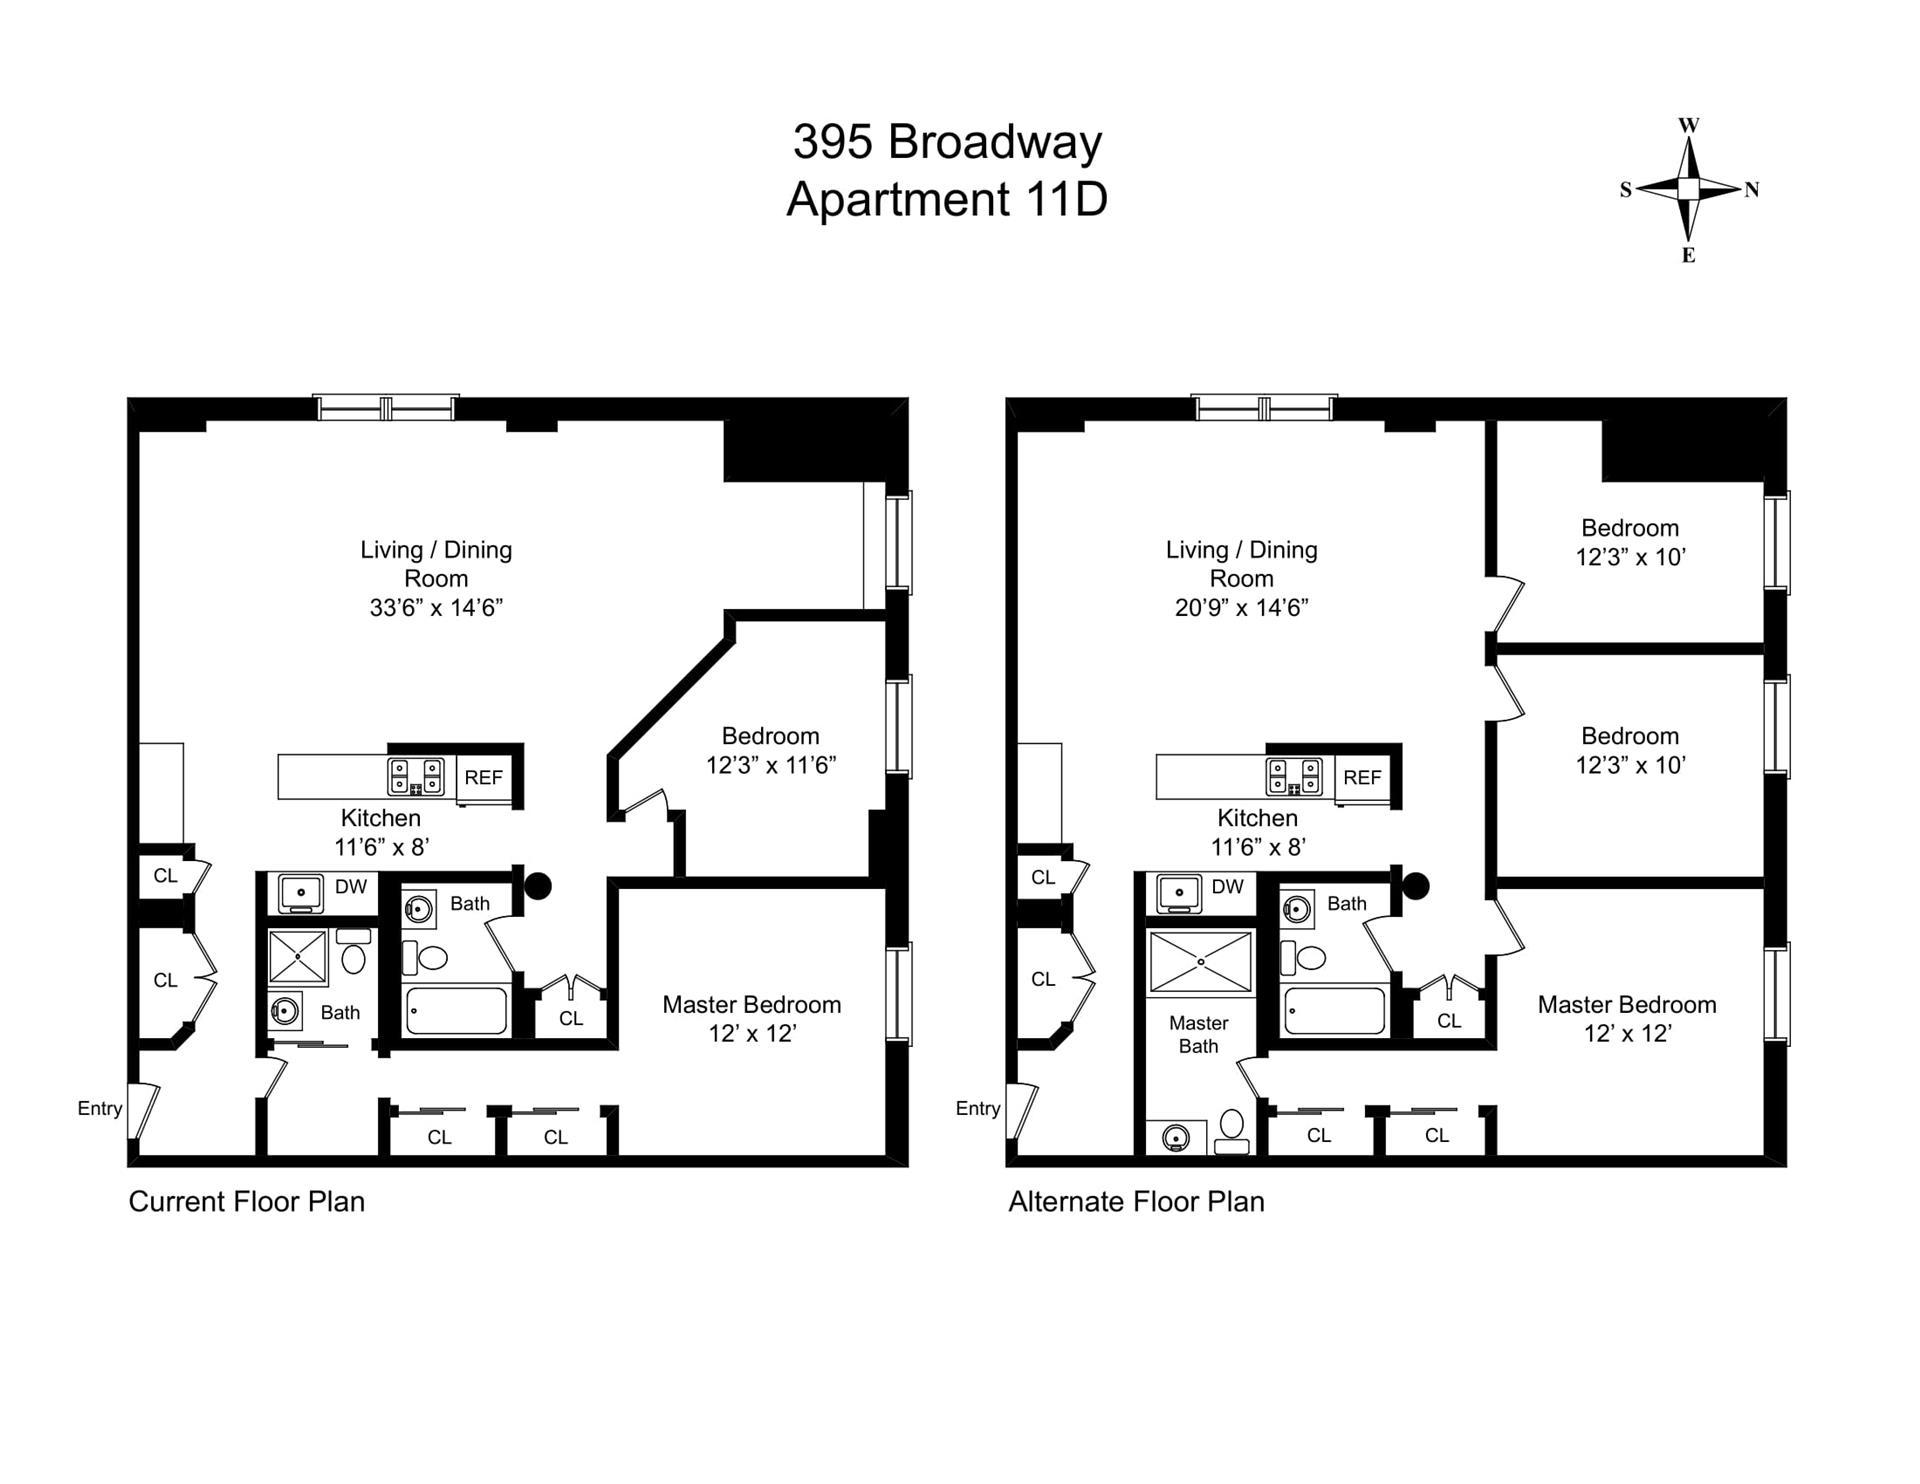 Floor plan of 395 Broadway, 11D - TriBeCa, New York